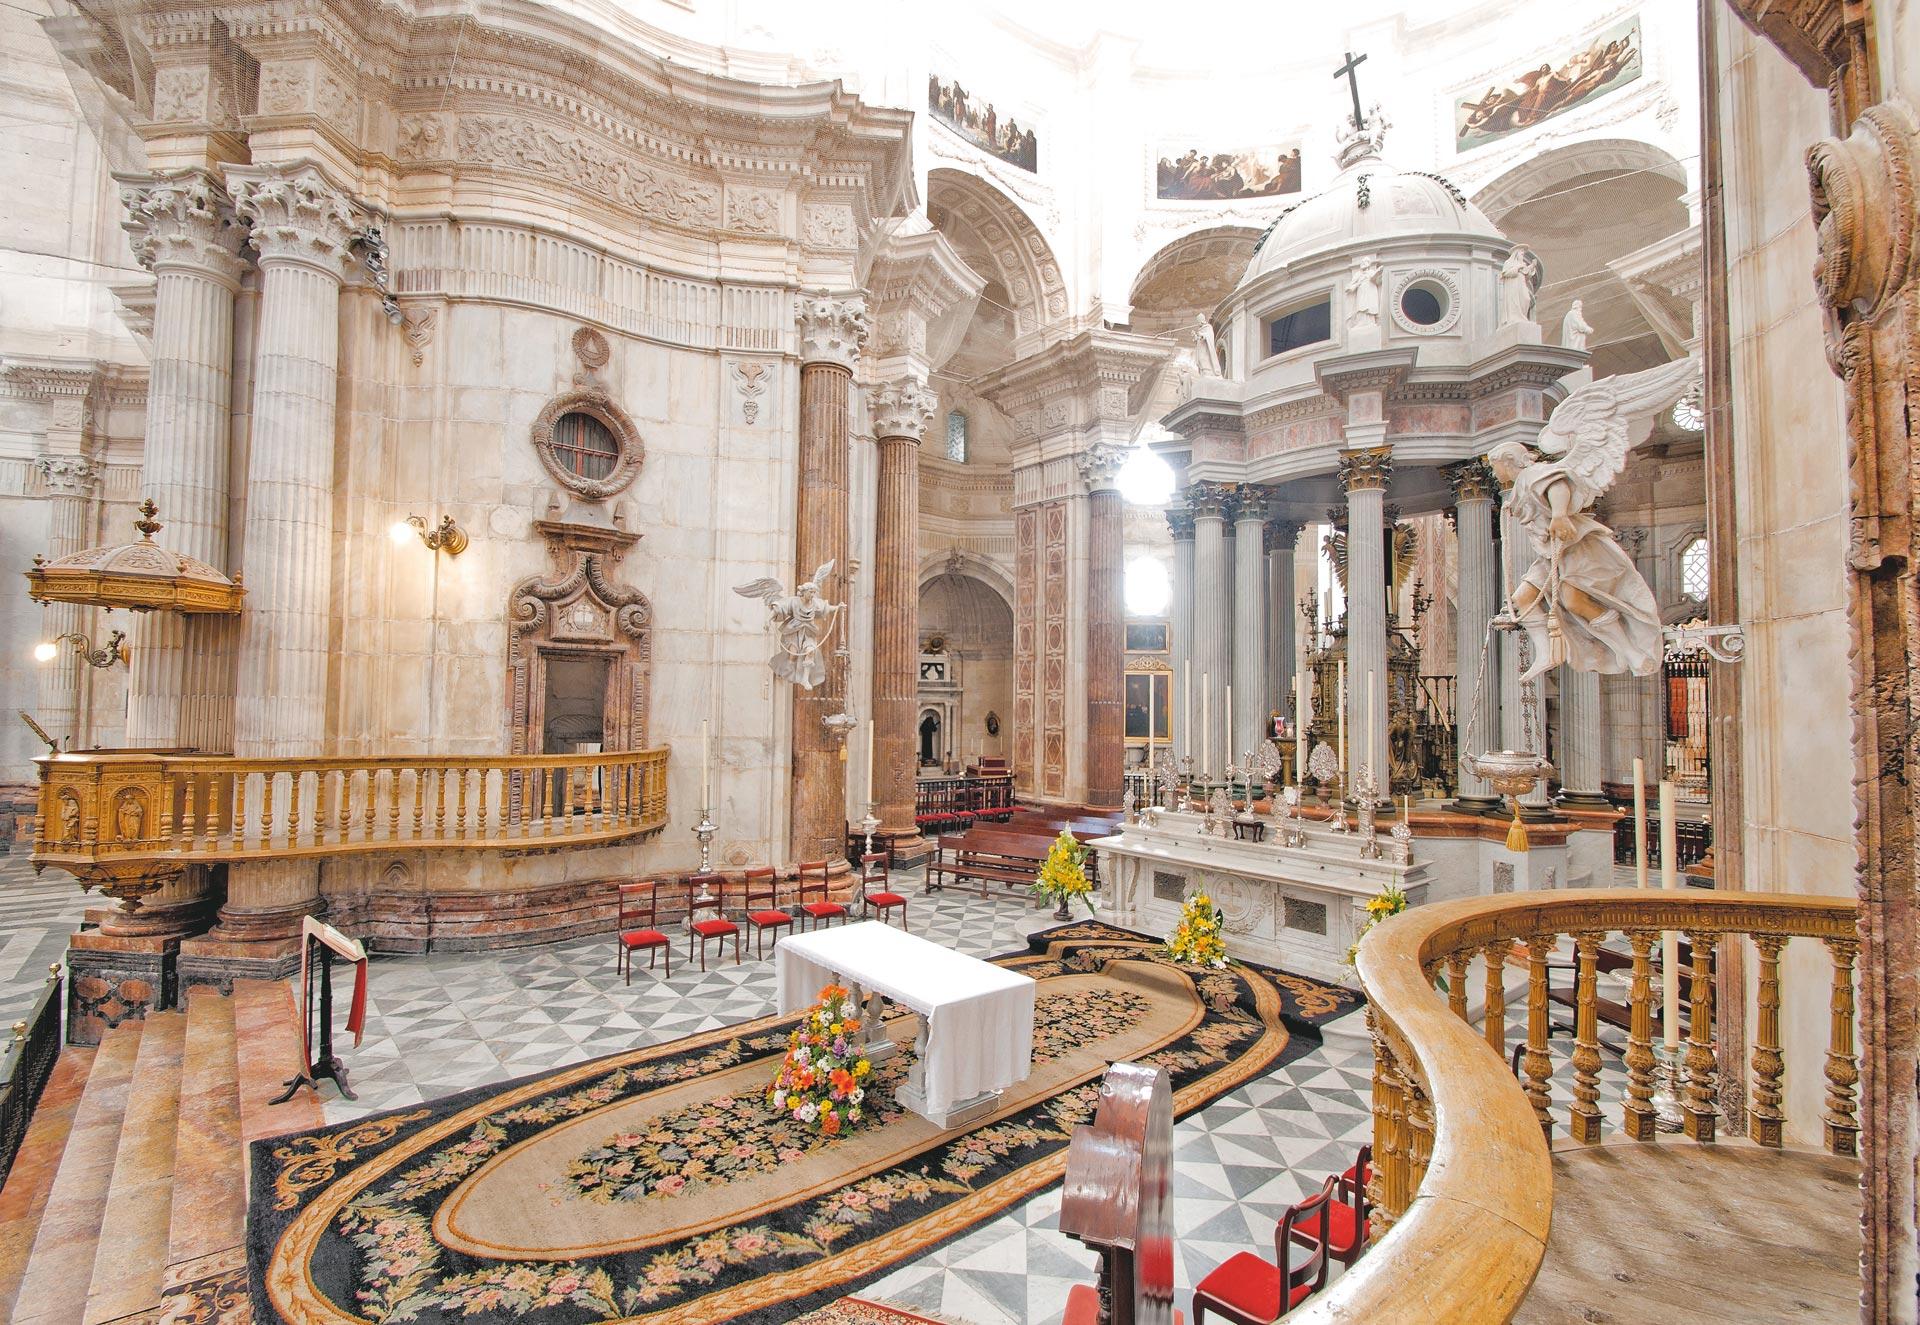 interior-1920px-catedral-cadiz – Catedral de Cádiz